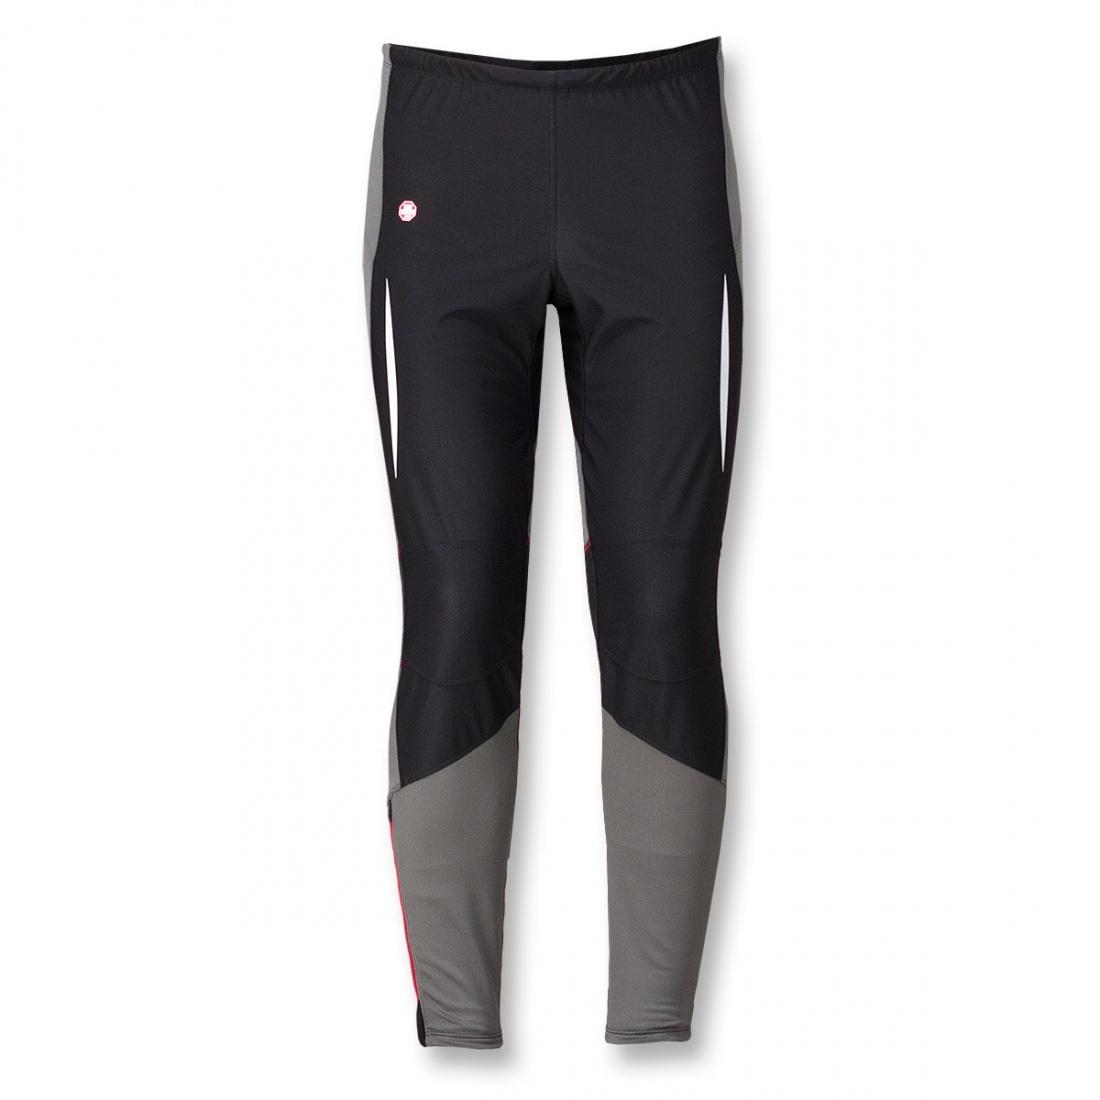 Брюки MultiБрюки, штаны<br><br><br>Цвет: Темно-серый<br>Размер: 44